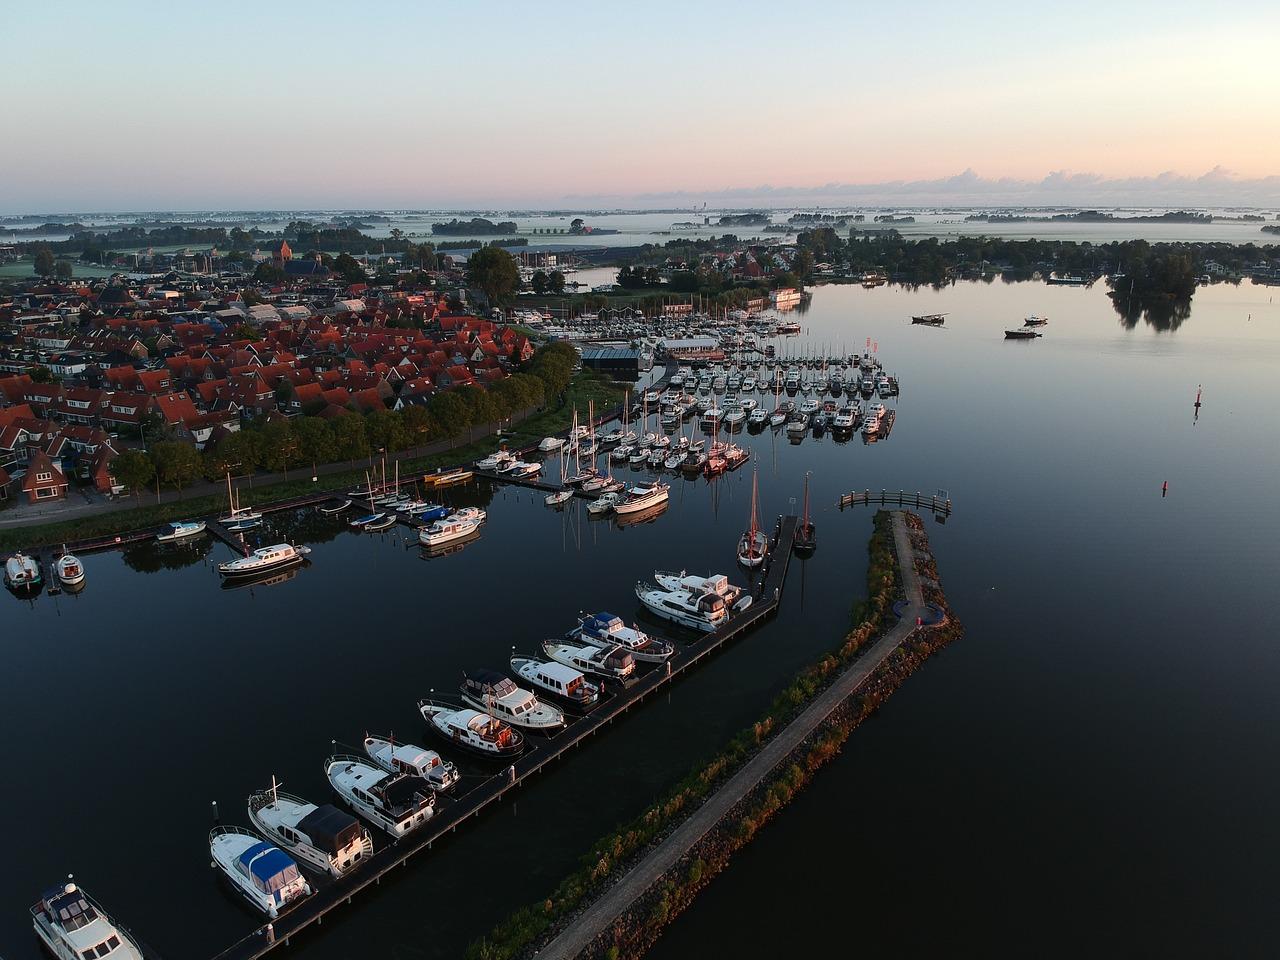 boot huren friesland vaarvakantie friesland motorboot huren friesland vakantie nederland zomer nederland watersport friesland